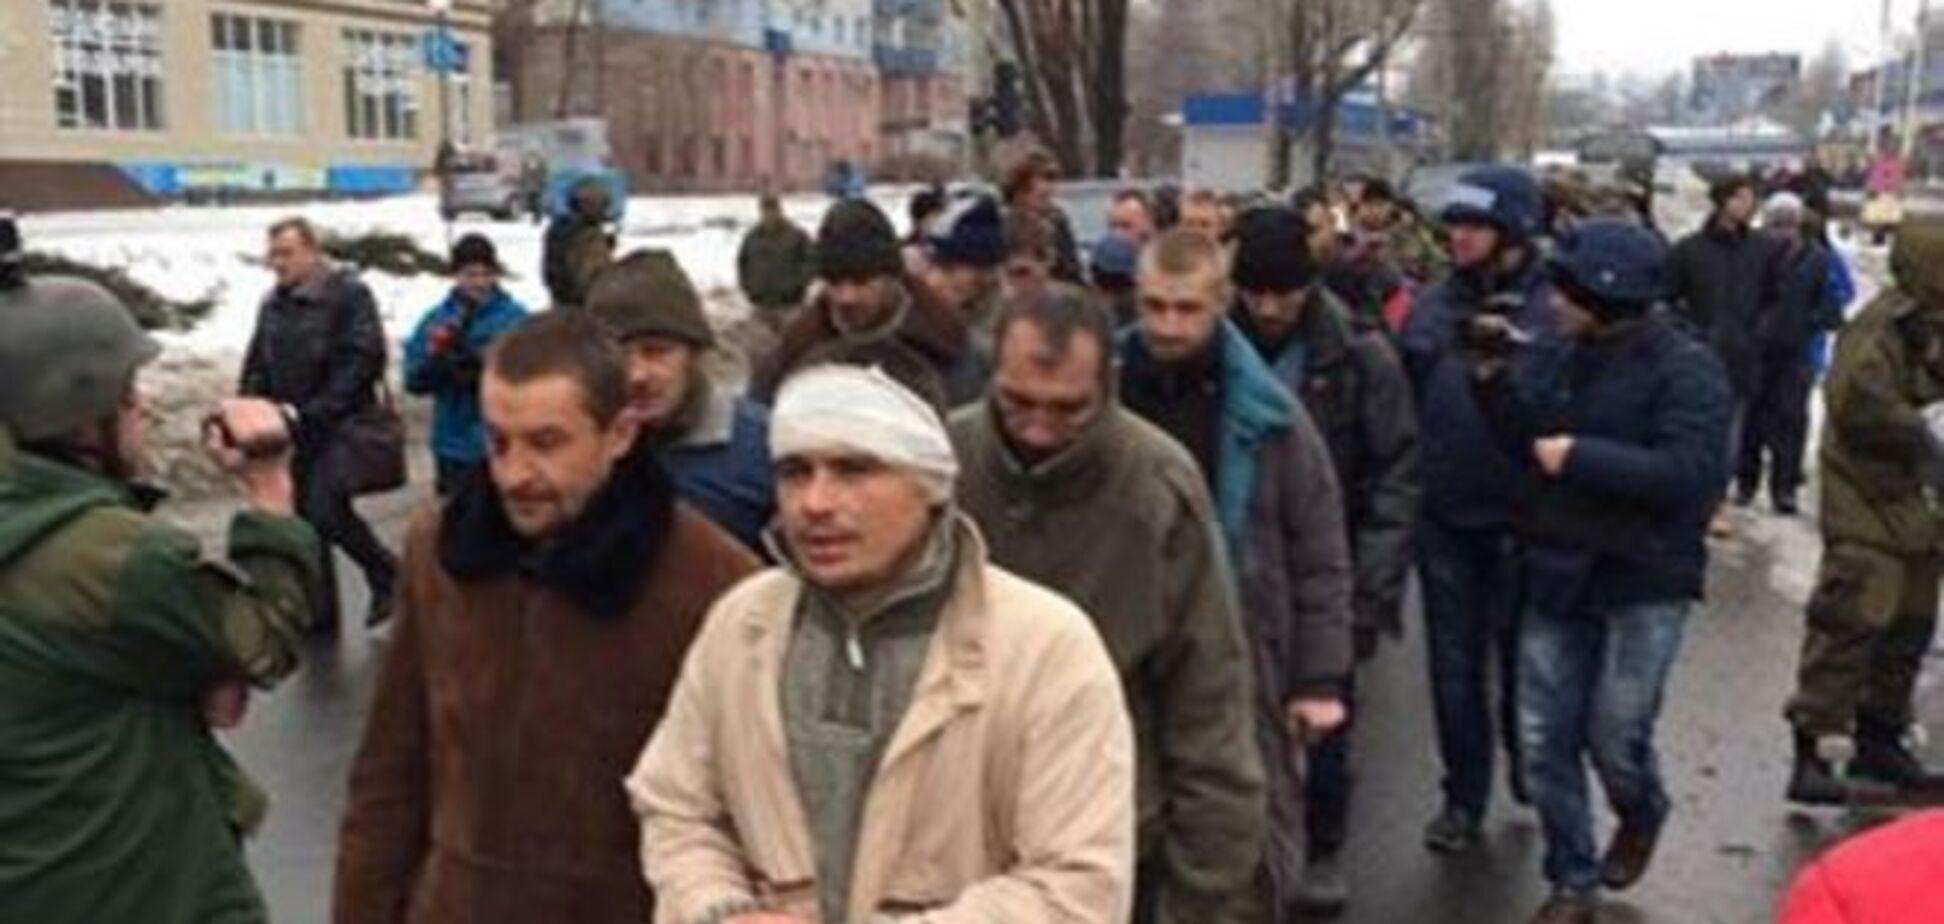 В Польше профессор оскорбил в соцсети украинских военнопленных и лишился работы: фотофакт